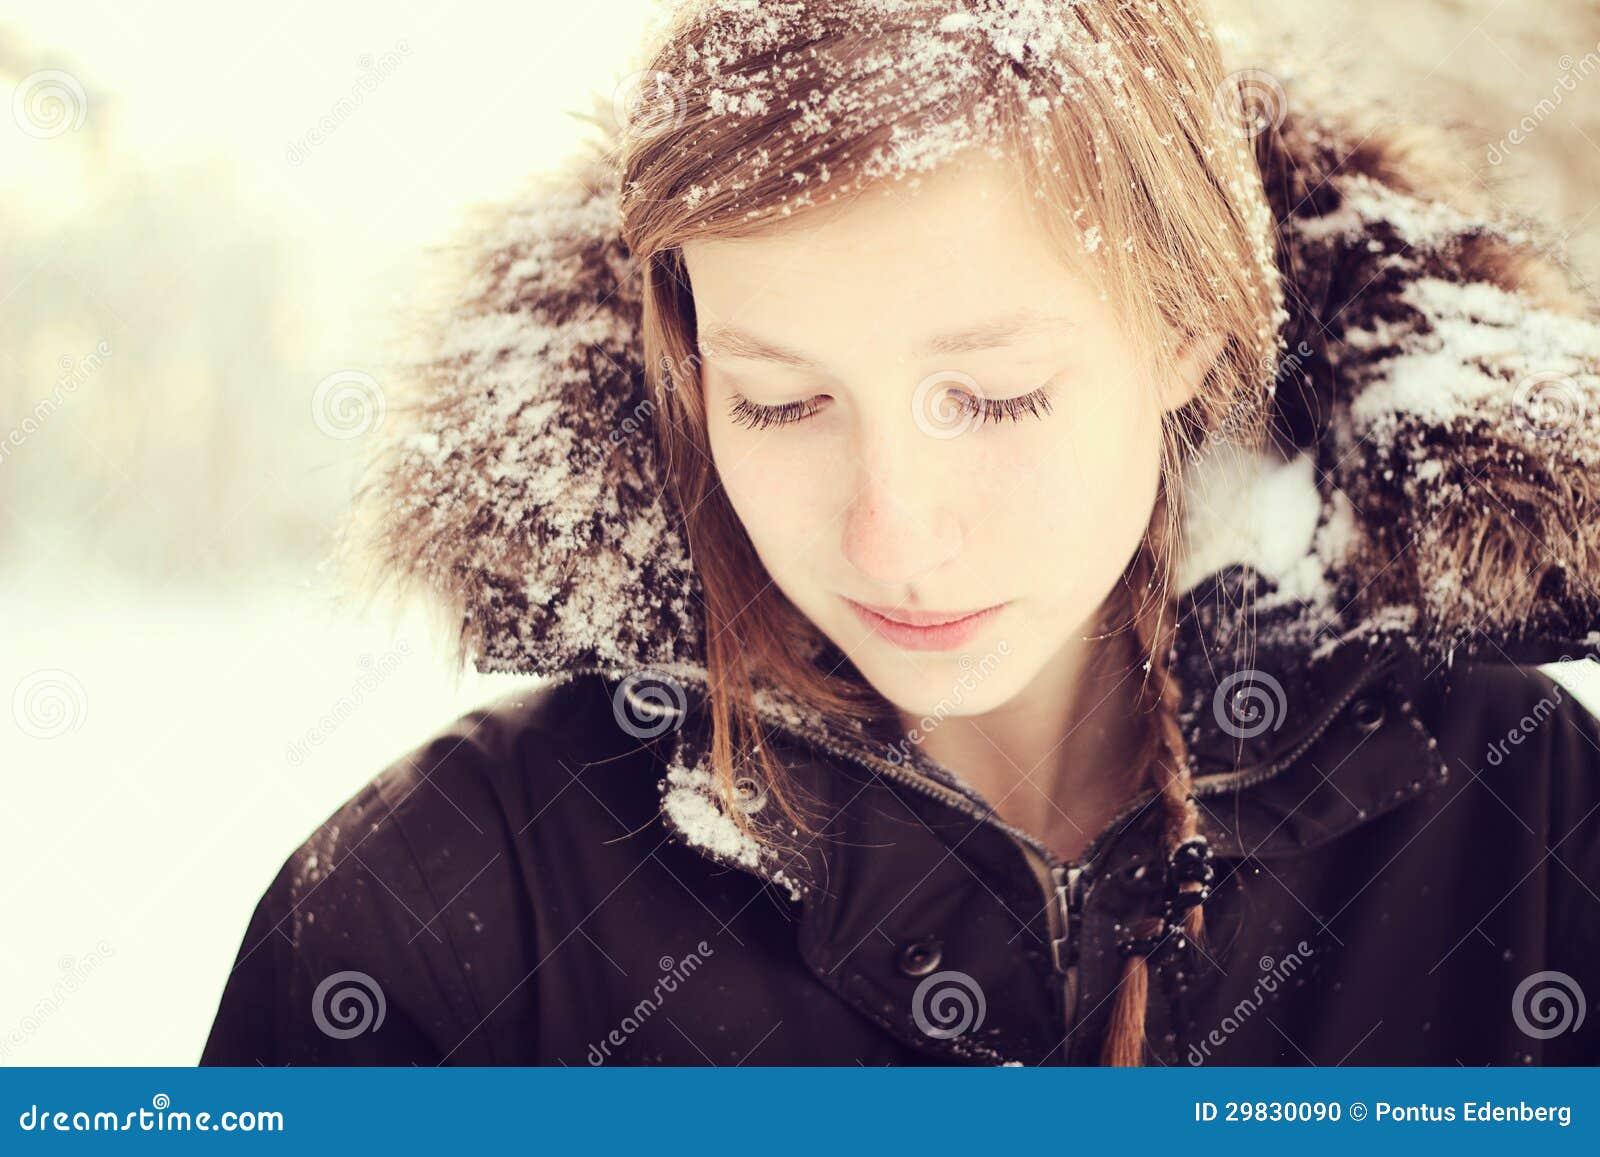 Girl In Snow Stock Photo Image 29830090